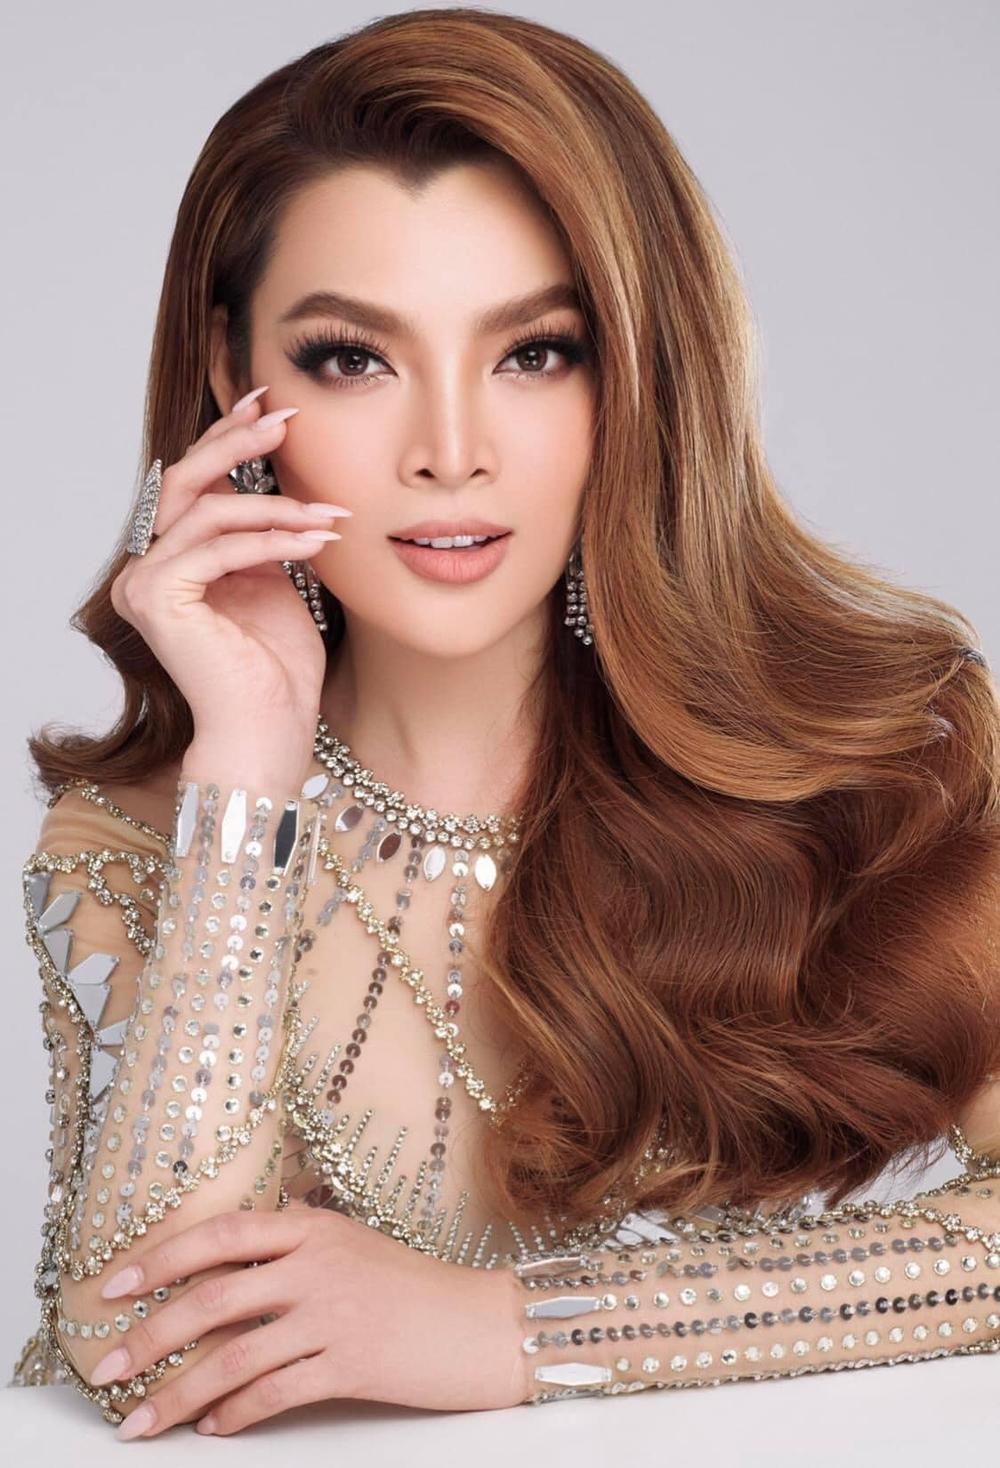 12 thí sinh đầu tiên dự thi Miss International Queen 2021: Trân Đài 'kèn cựa' mỹ nhân Thái Lan Ảnh 2